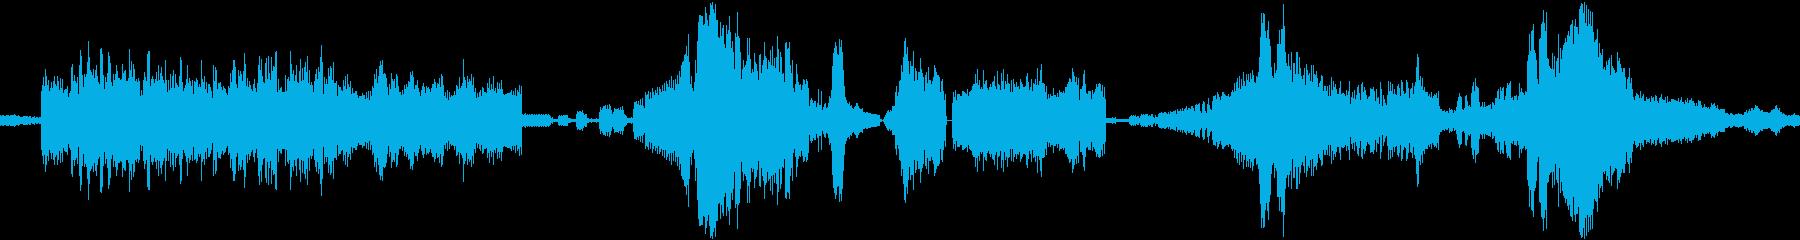 スペースファイターデュエル:デュエ...の再生済みの波形